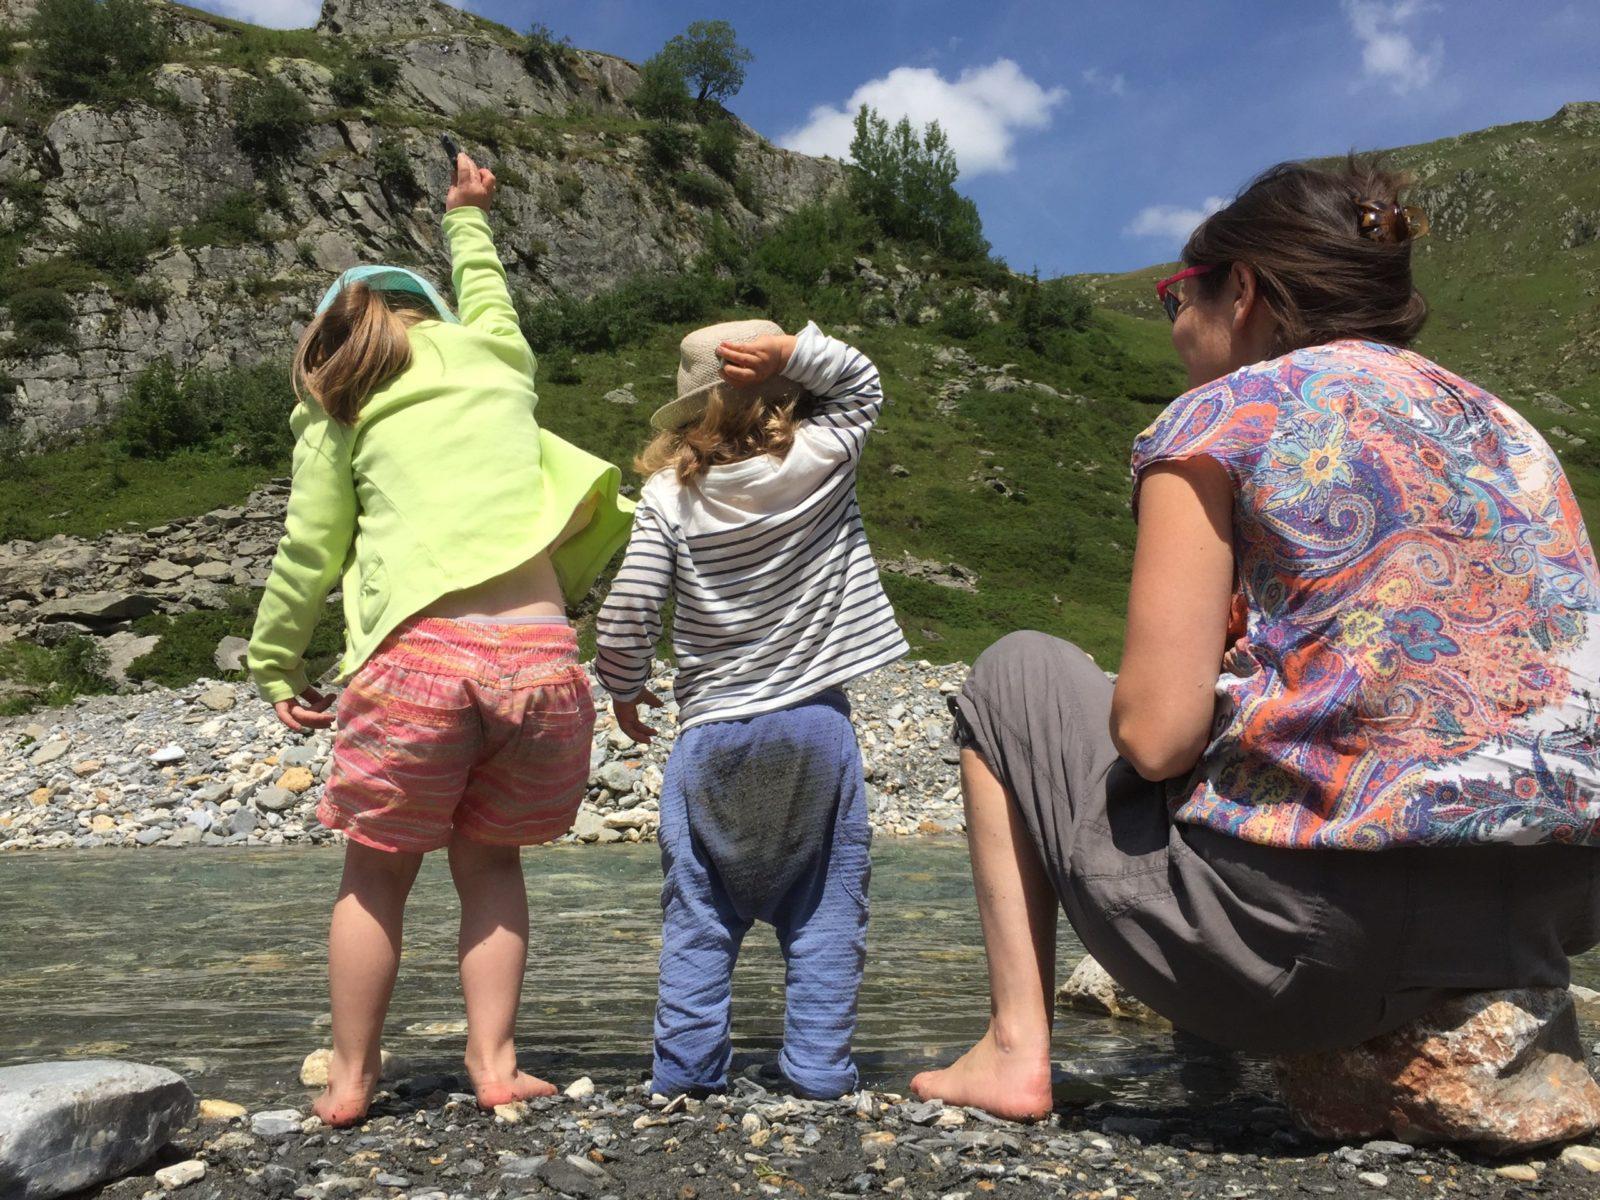 L'enfant prend conscience de son corps en mouvement et également de ses capacités à faire